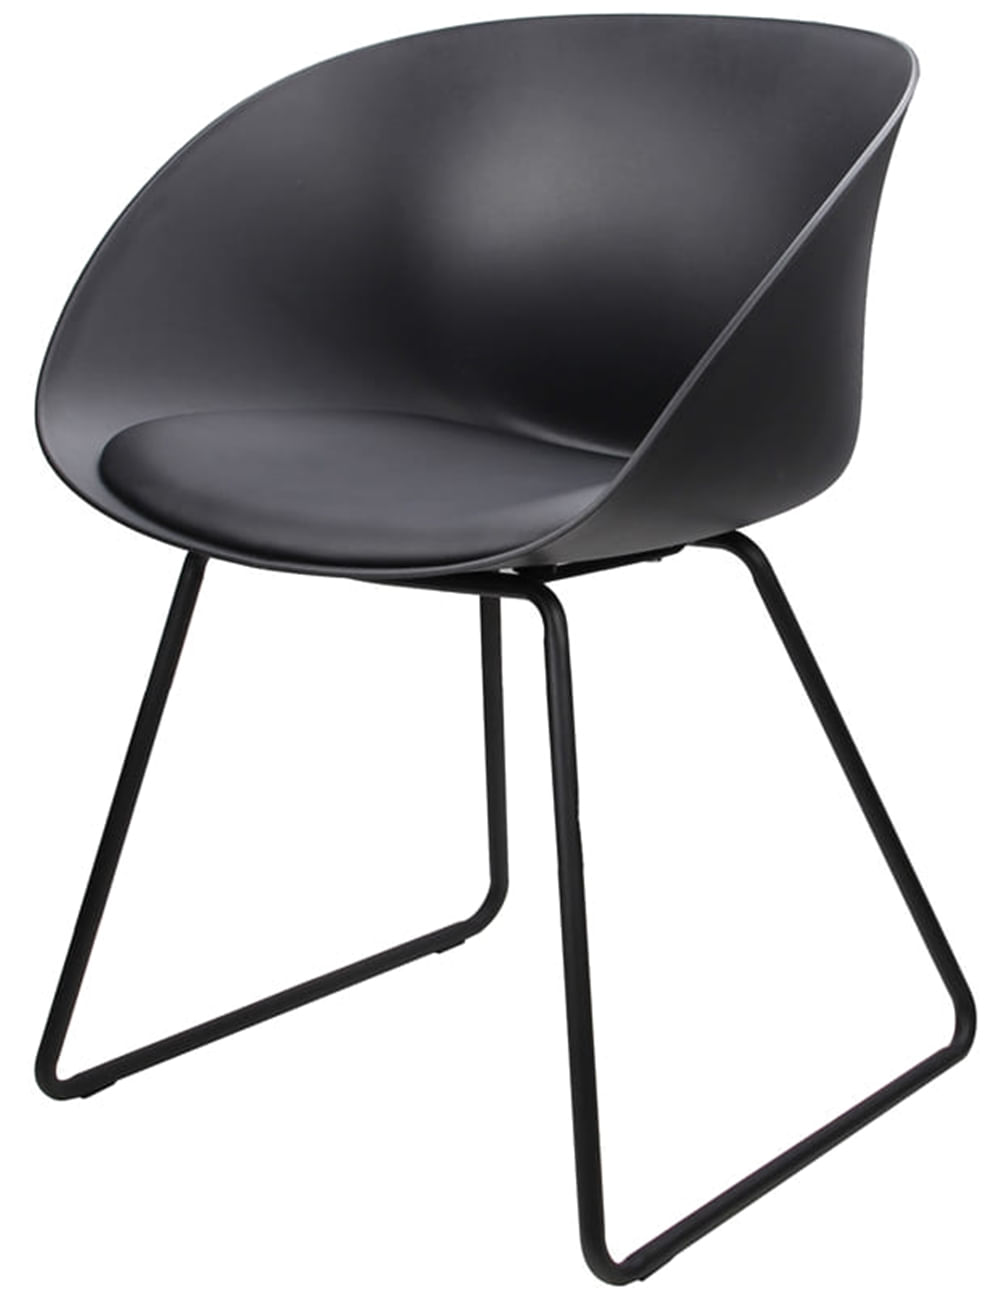 Cadeira Dandy Preta com Base Preta - 58165